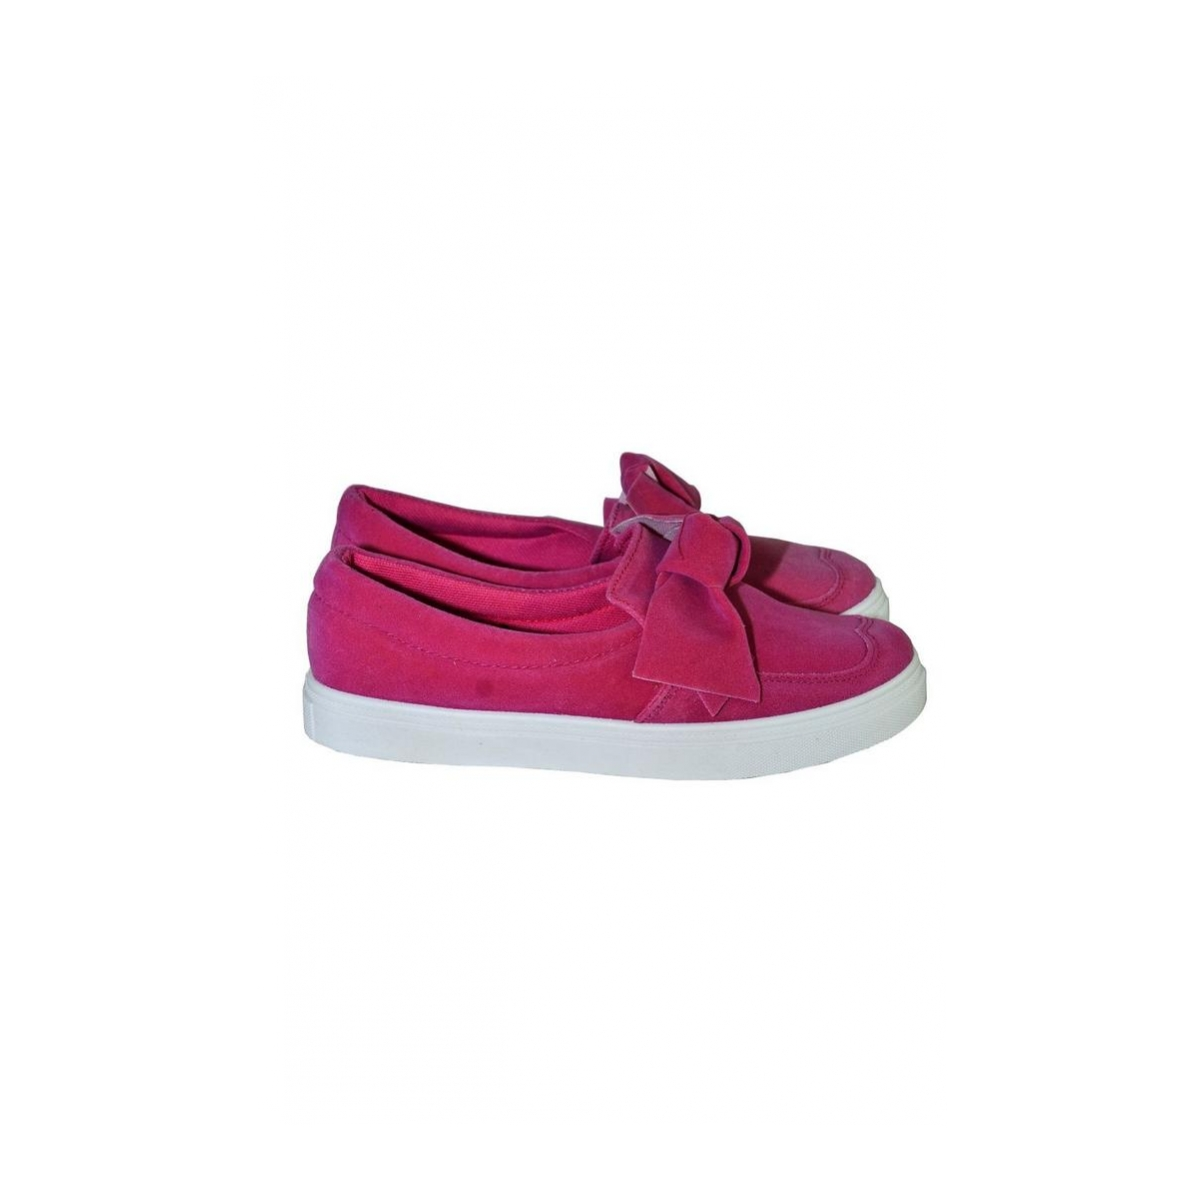 7ac1de4c18b61 Ružové topánky s mašličkou ARIA | Johnc.sk